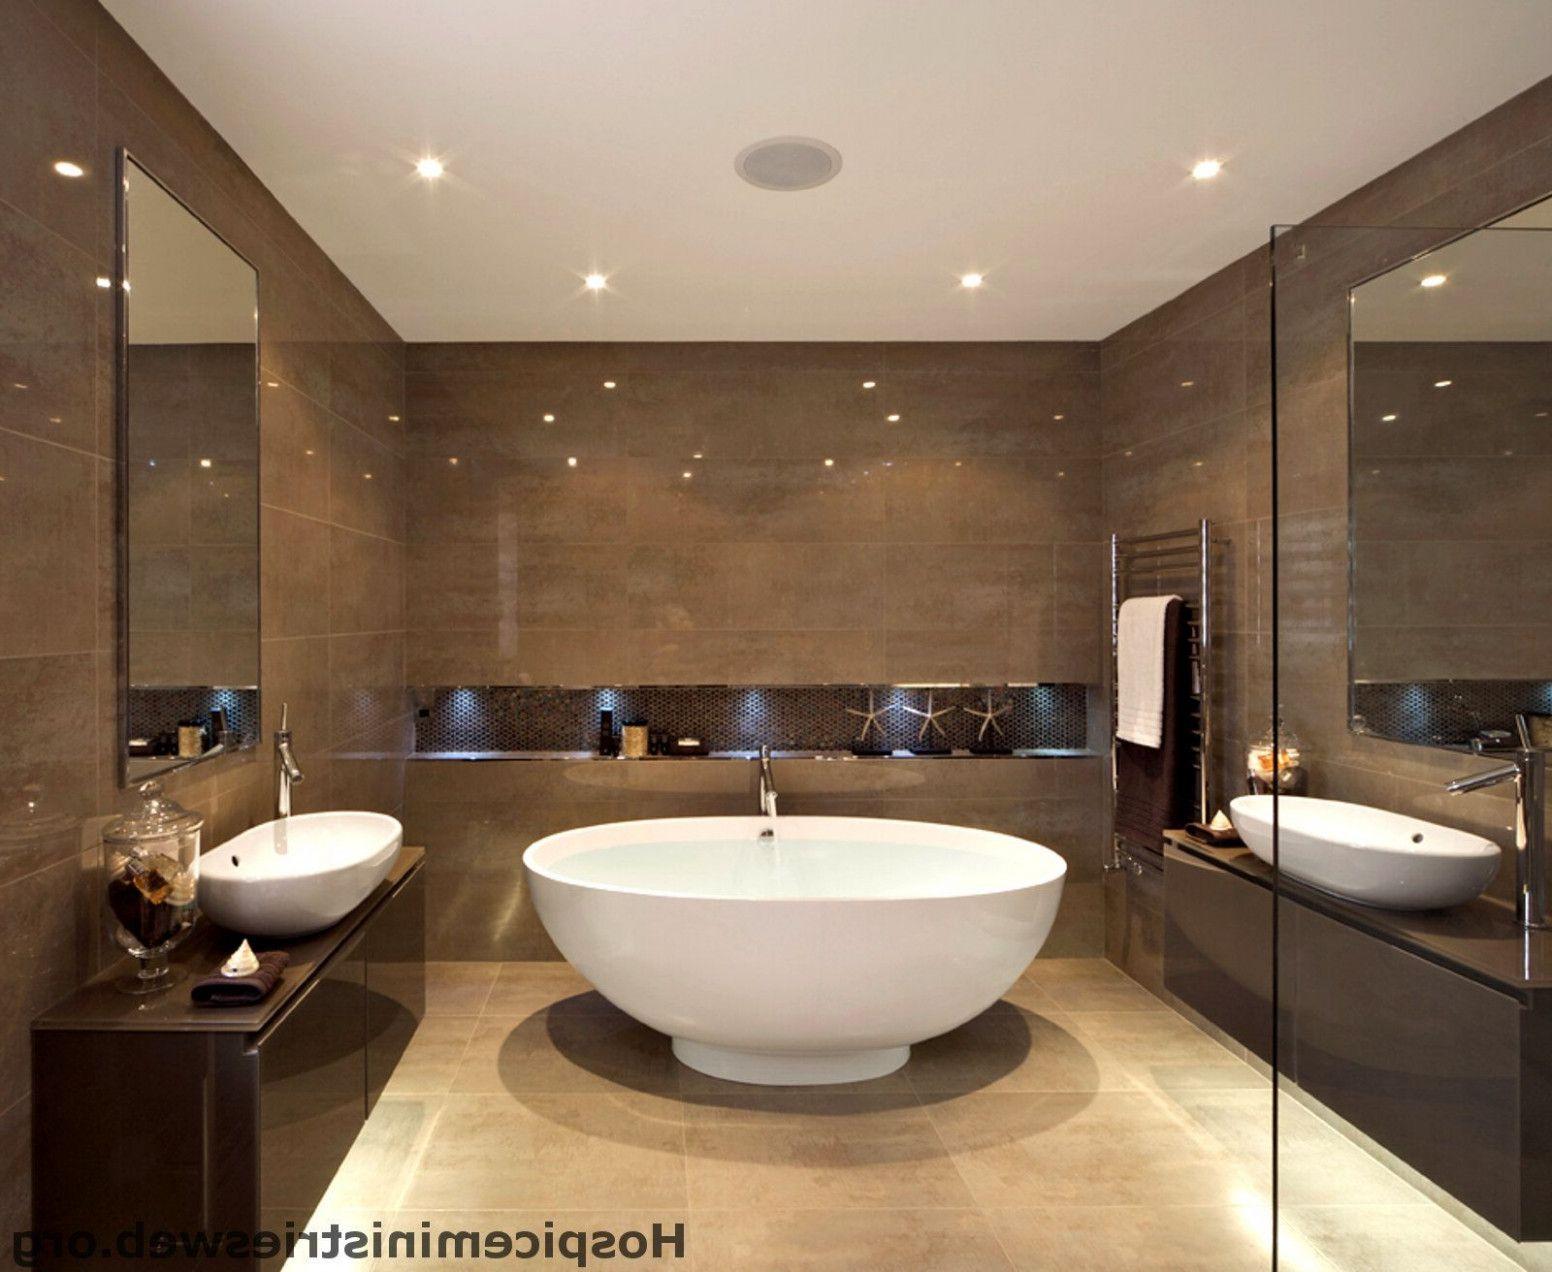 Deshalb Ist Badezimmer Fliesen Braun So Beruhmt Modernes Badezimmerdesign Badezimmer Braun Kleine Badezimmer Inspiration